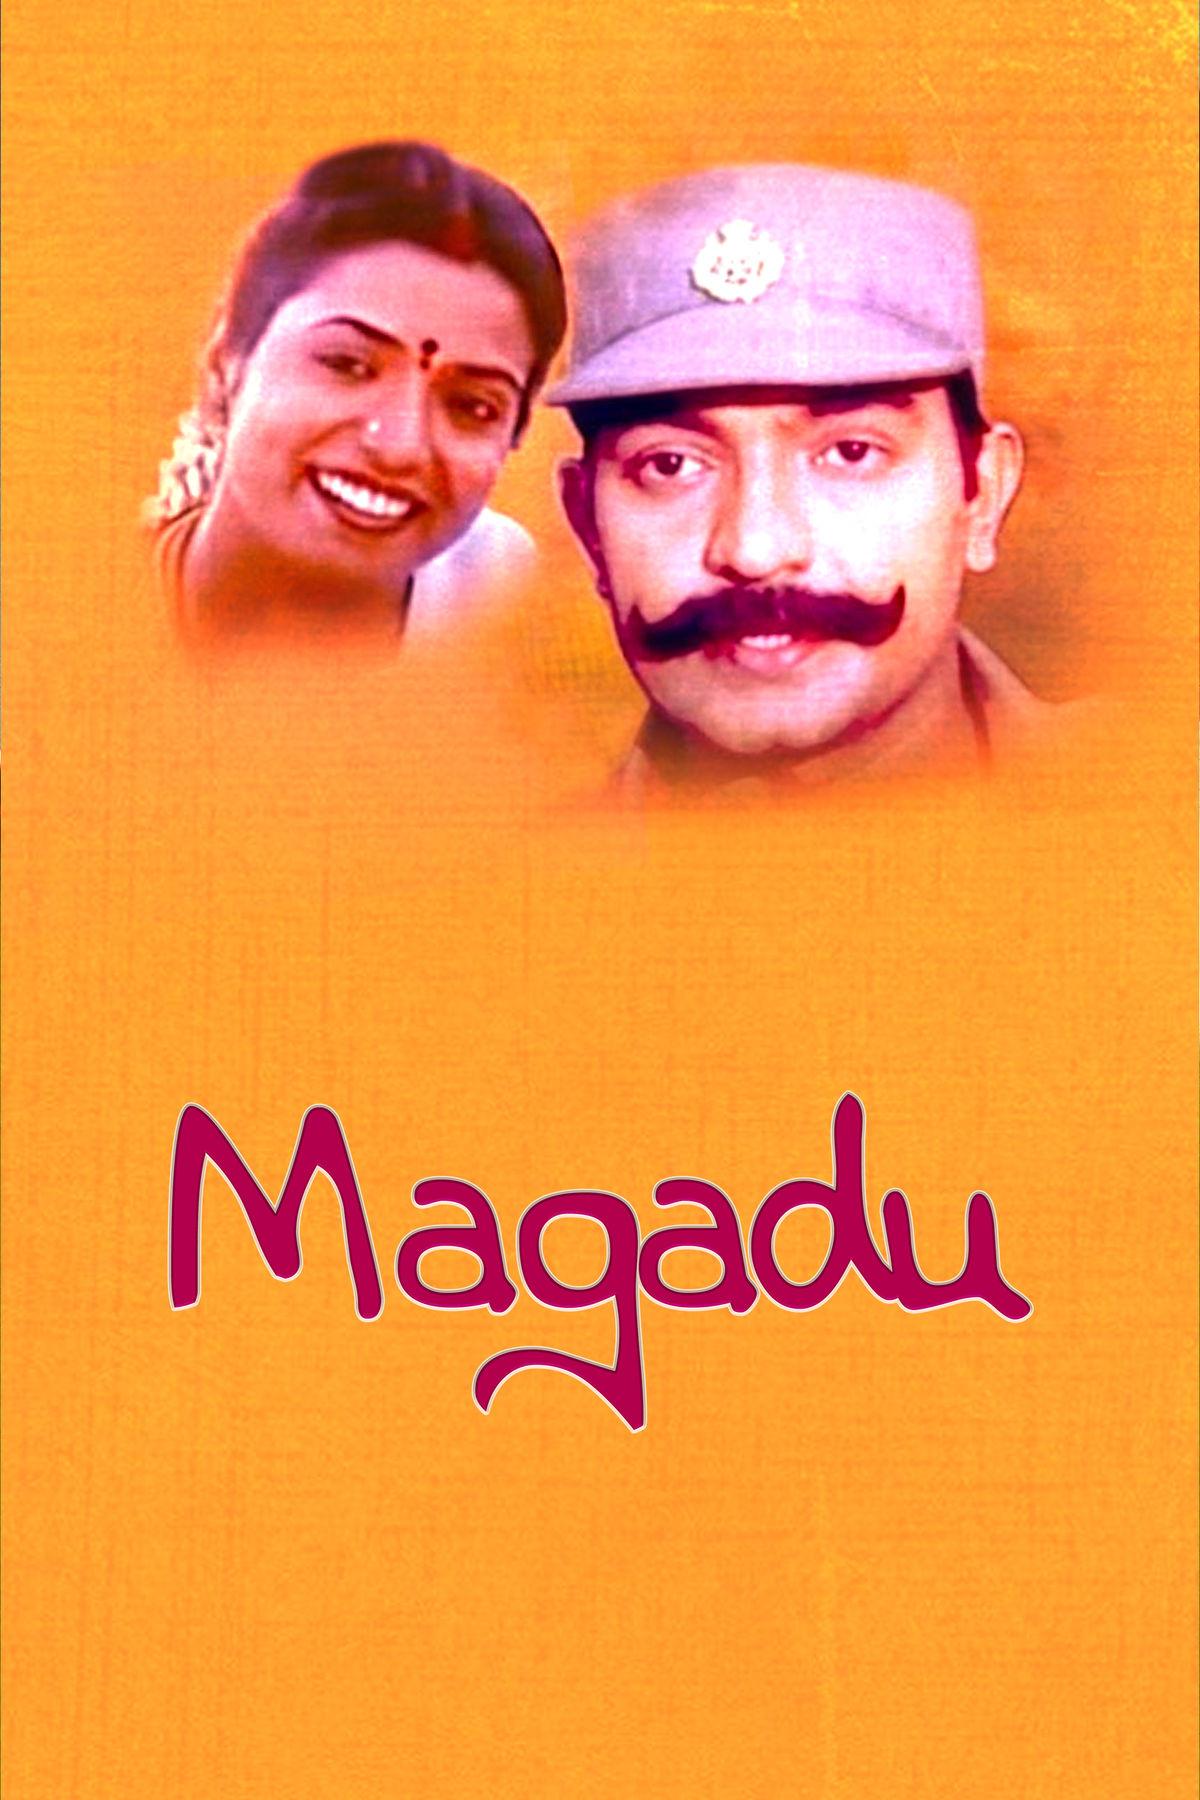 Magadu